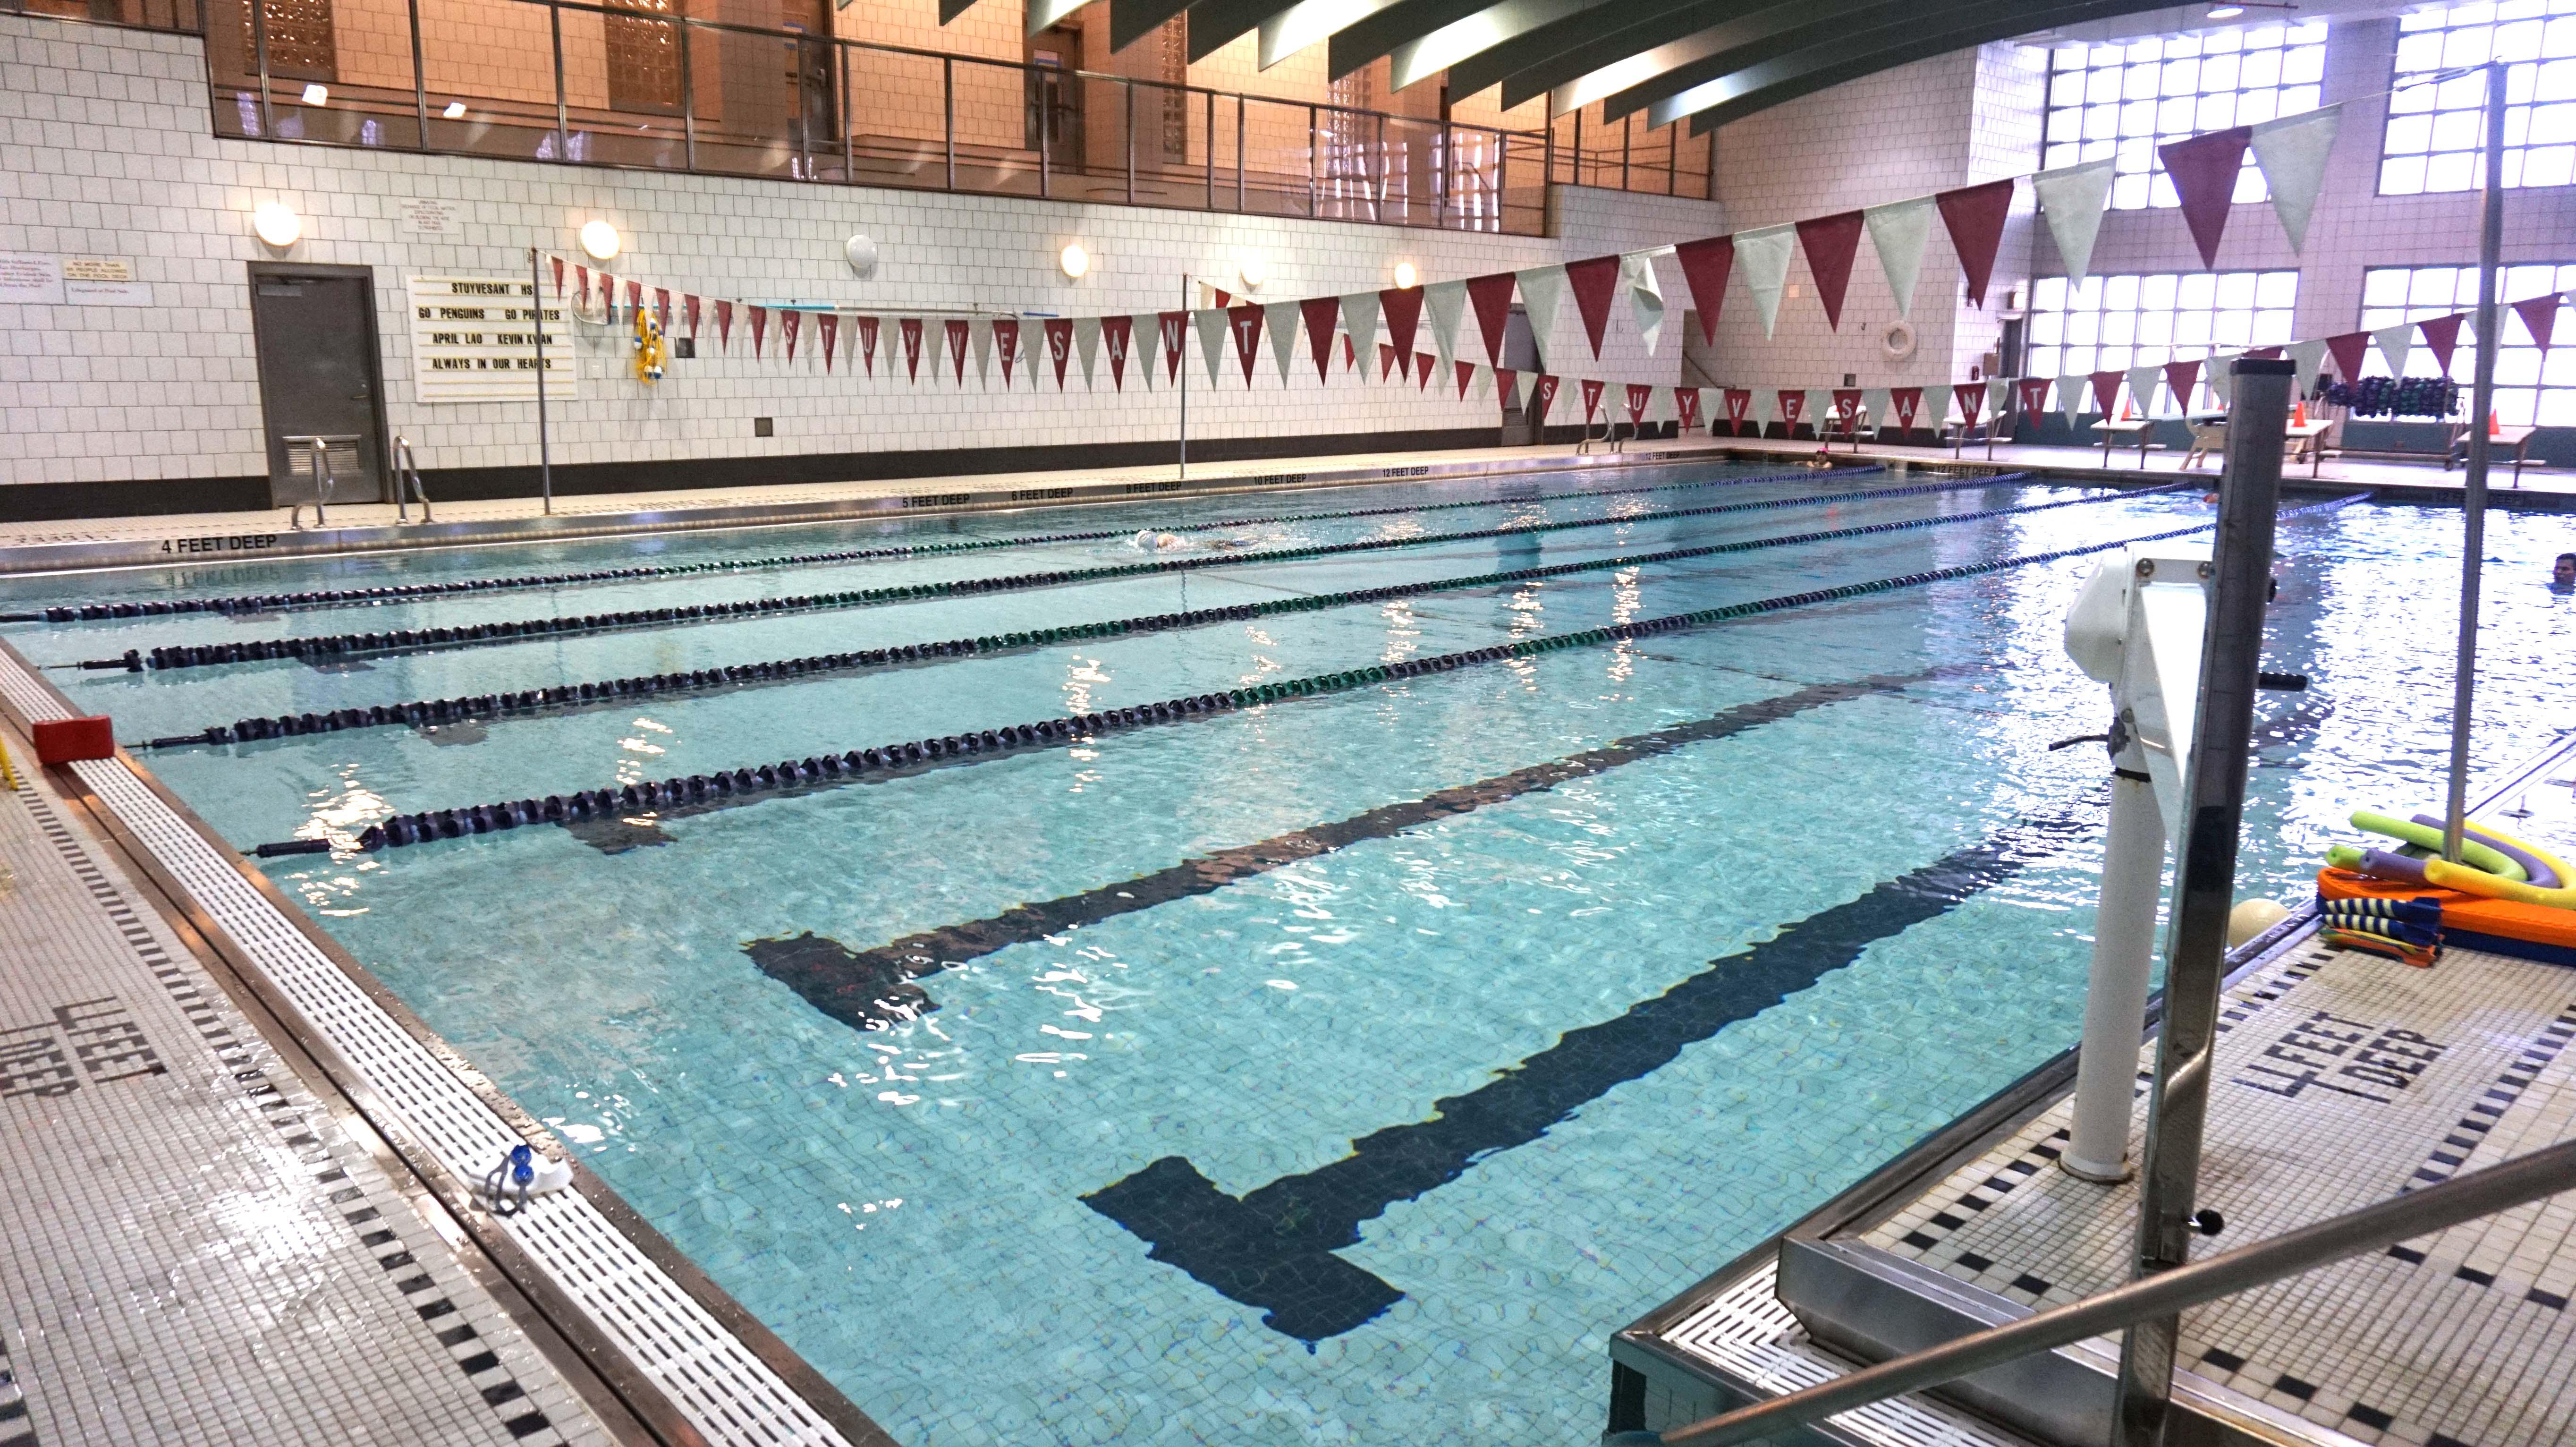 Stuyvesant pool level